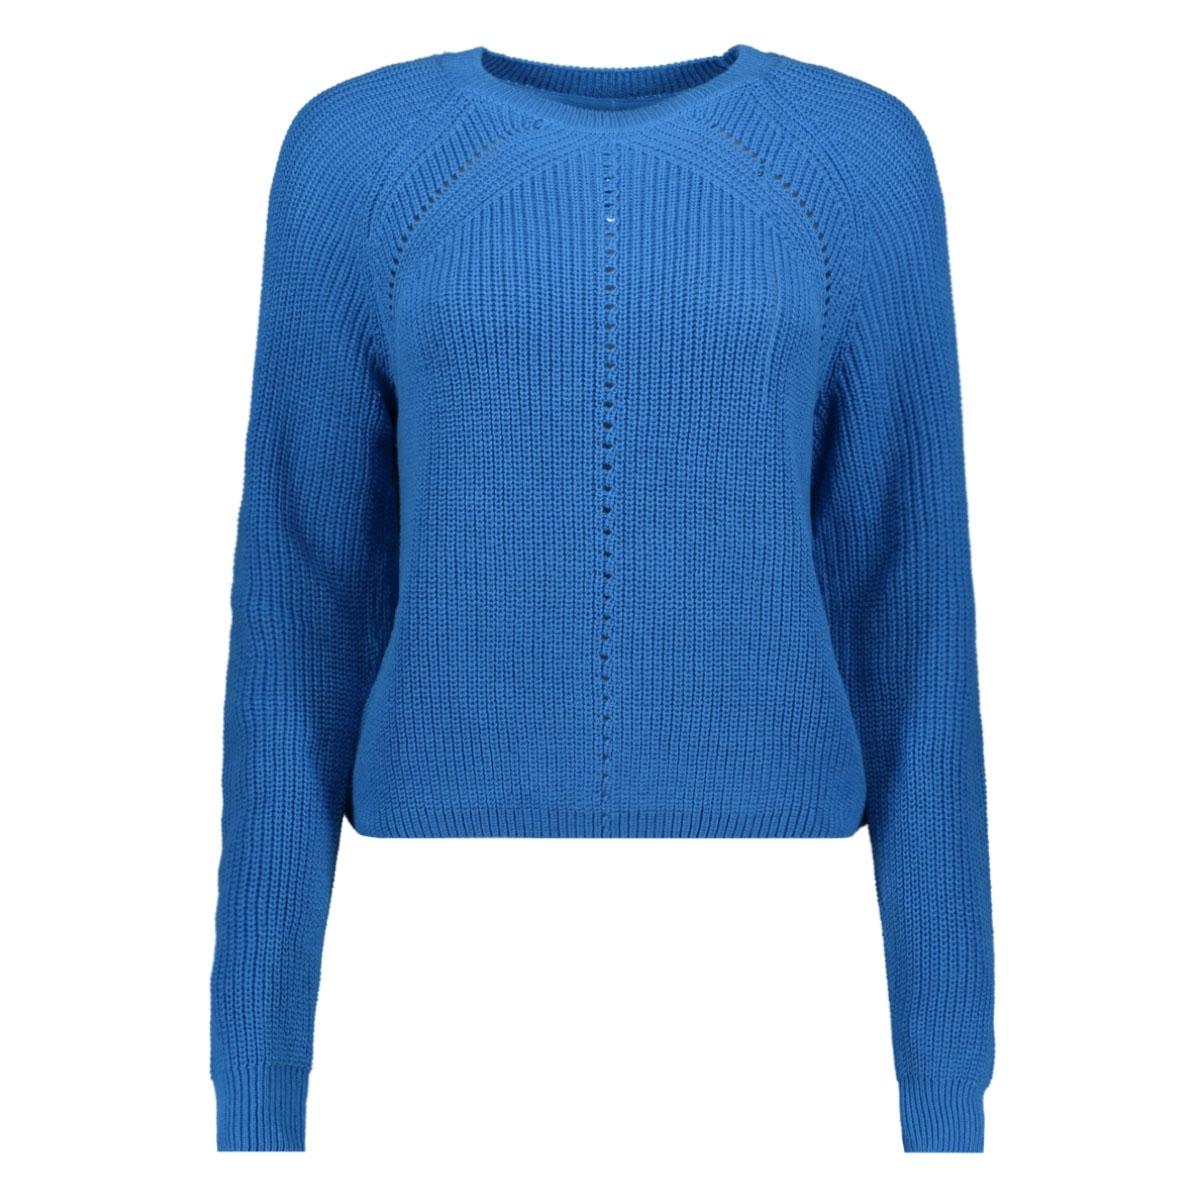 nmmaj l/s o-neck knit 7 bg 27010765 noisy may trui ibiza blue